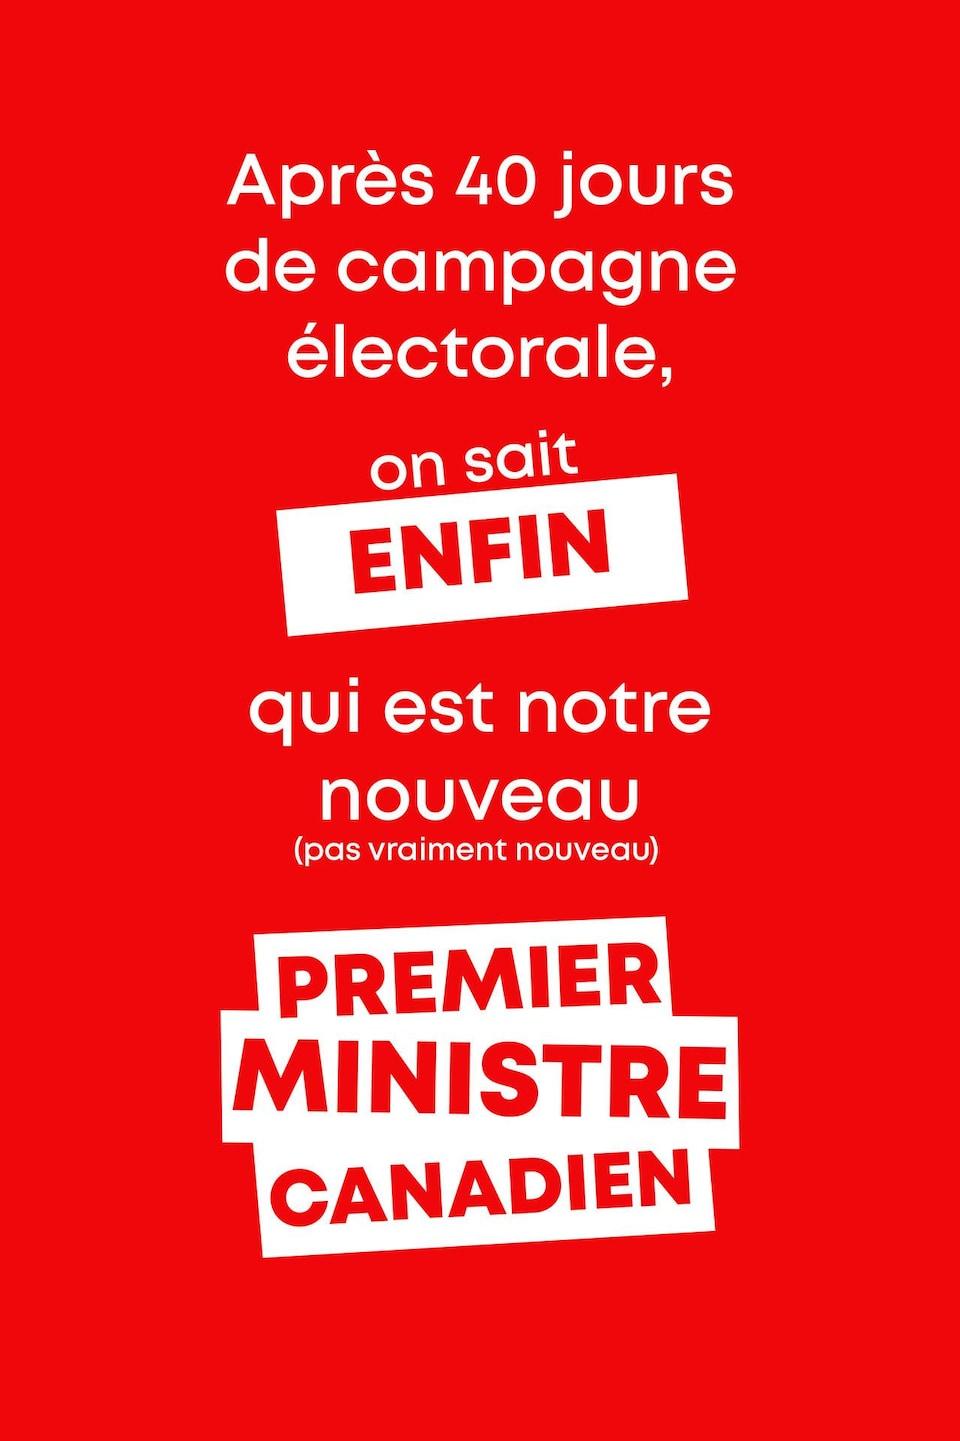 Après 40 jours de campagne électorale, on sait ENFIN qui est notre nouveau (pas vraiment nouveau) Premier ministre canadien.